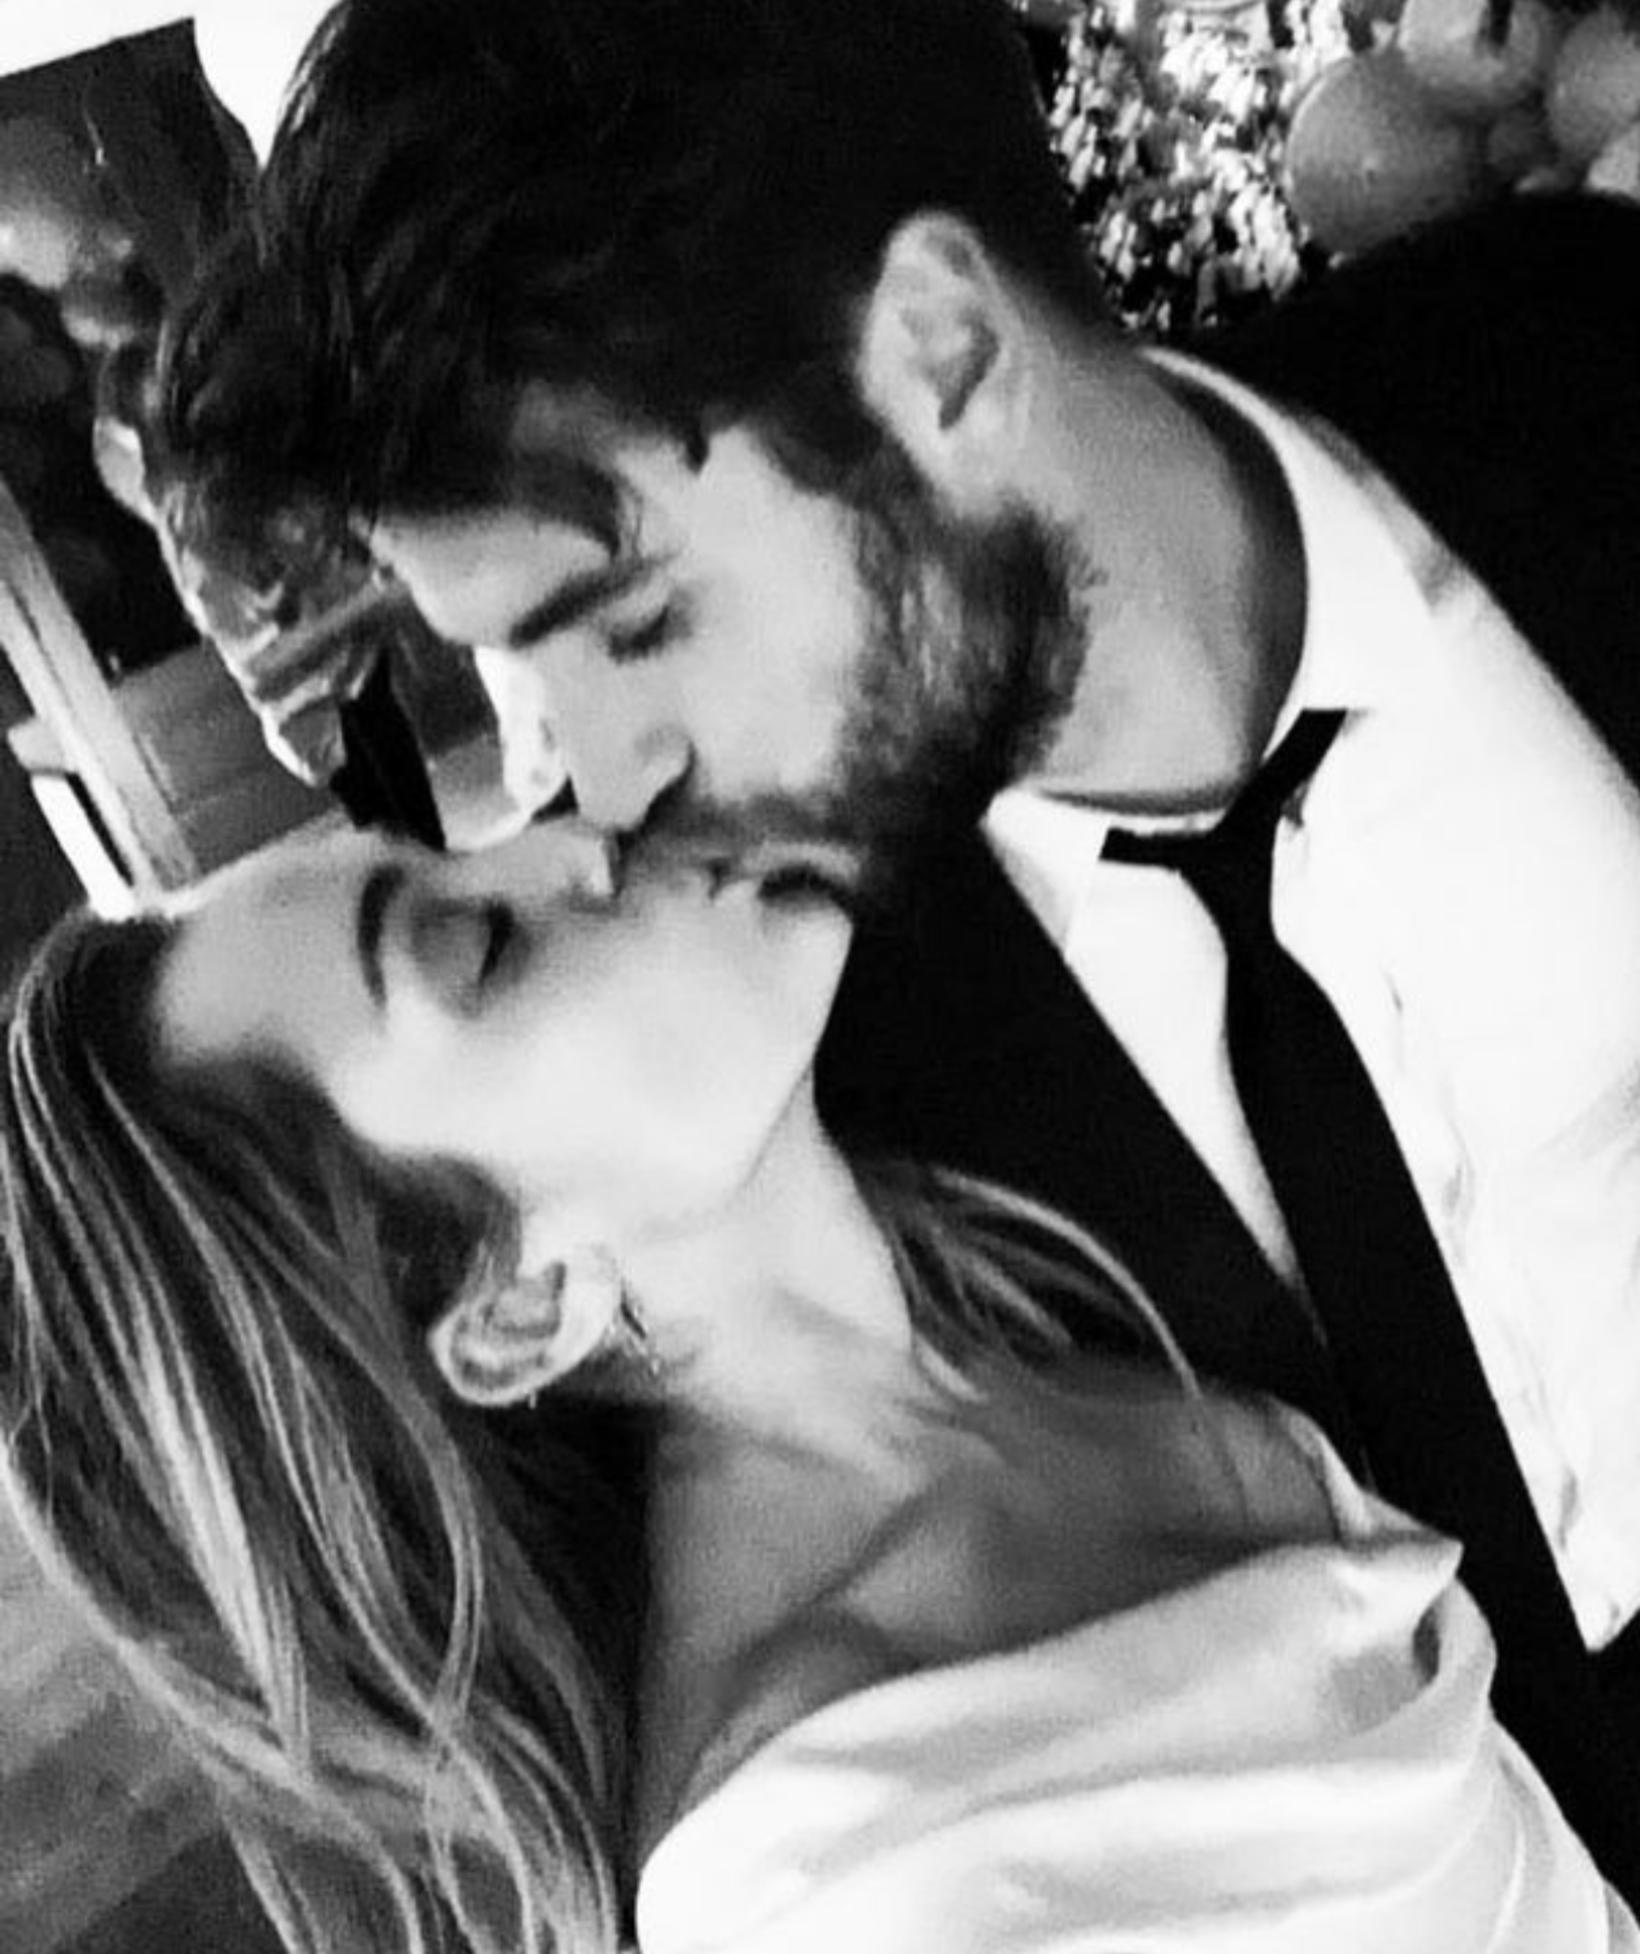 Cyrus og Hemsworth á brúðkaupsdaginn.